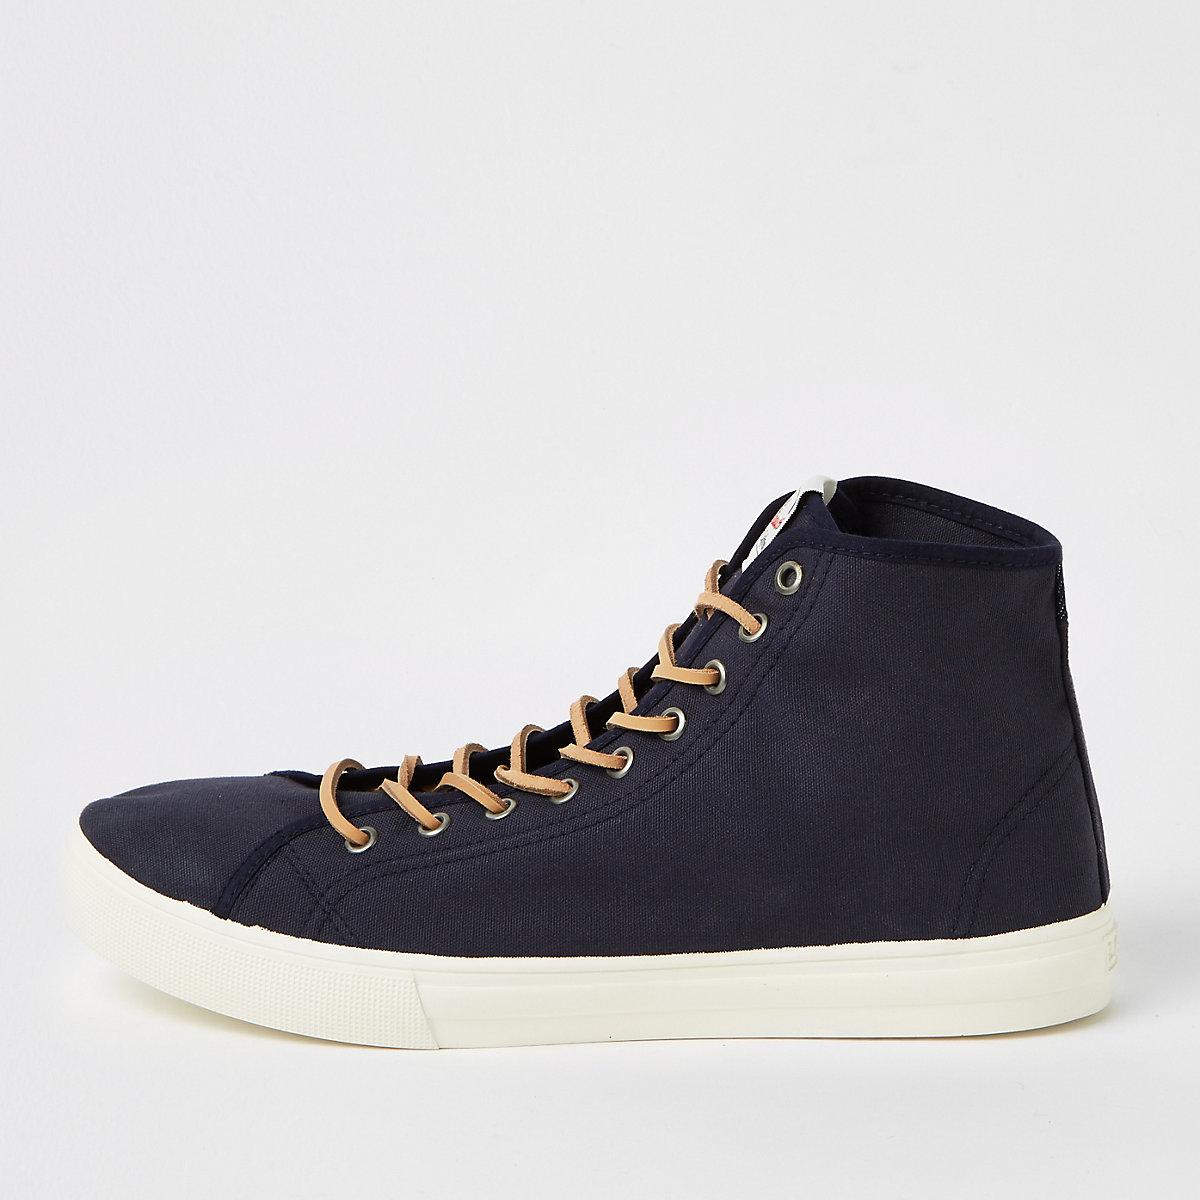 Levi's navy mid top sneakers